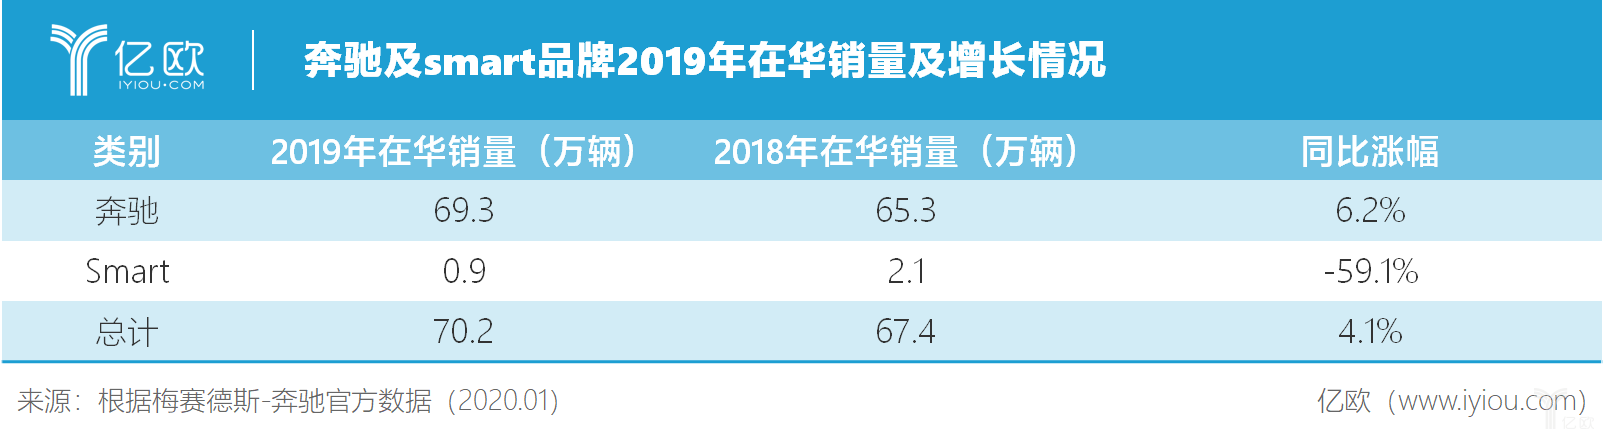 奔驰及smart品牌2019年在华销量及添长情况